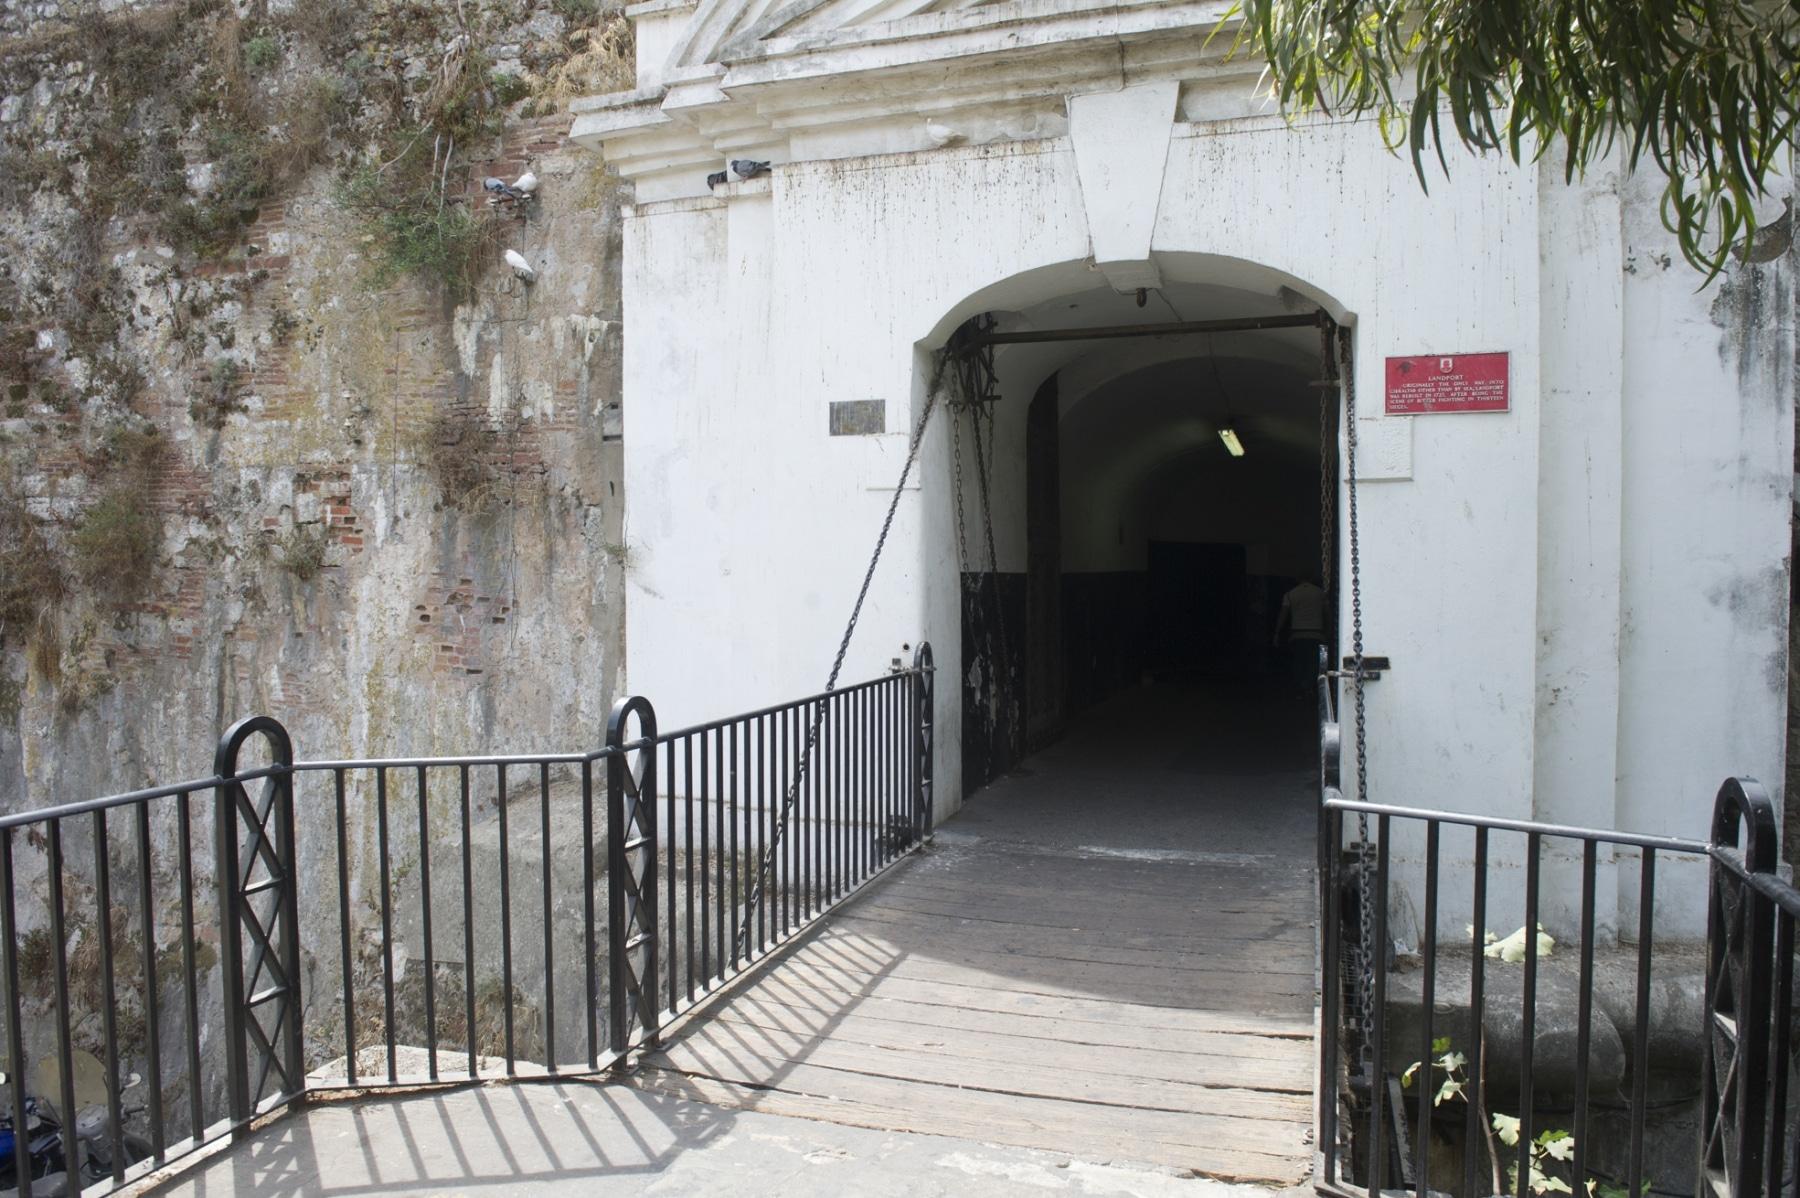 en-su-da-la-entrada-a-gibraltar-se-haca-por-esta-angosta-puerta-defendida-por-un-puente-colgante_22117514294_o